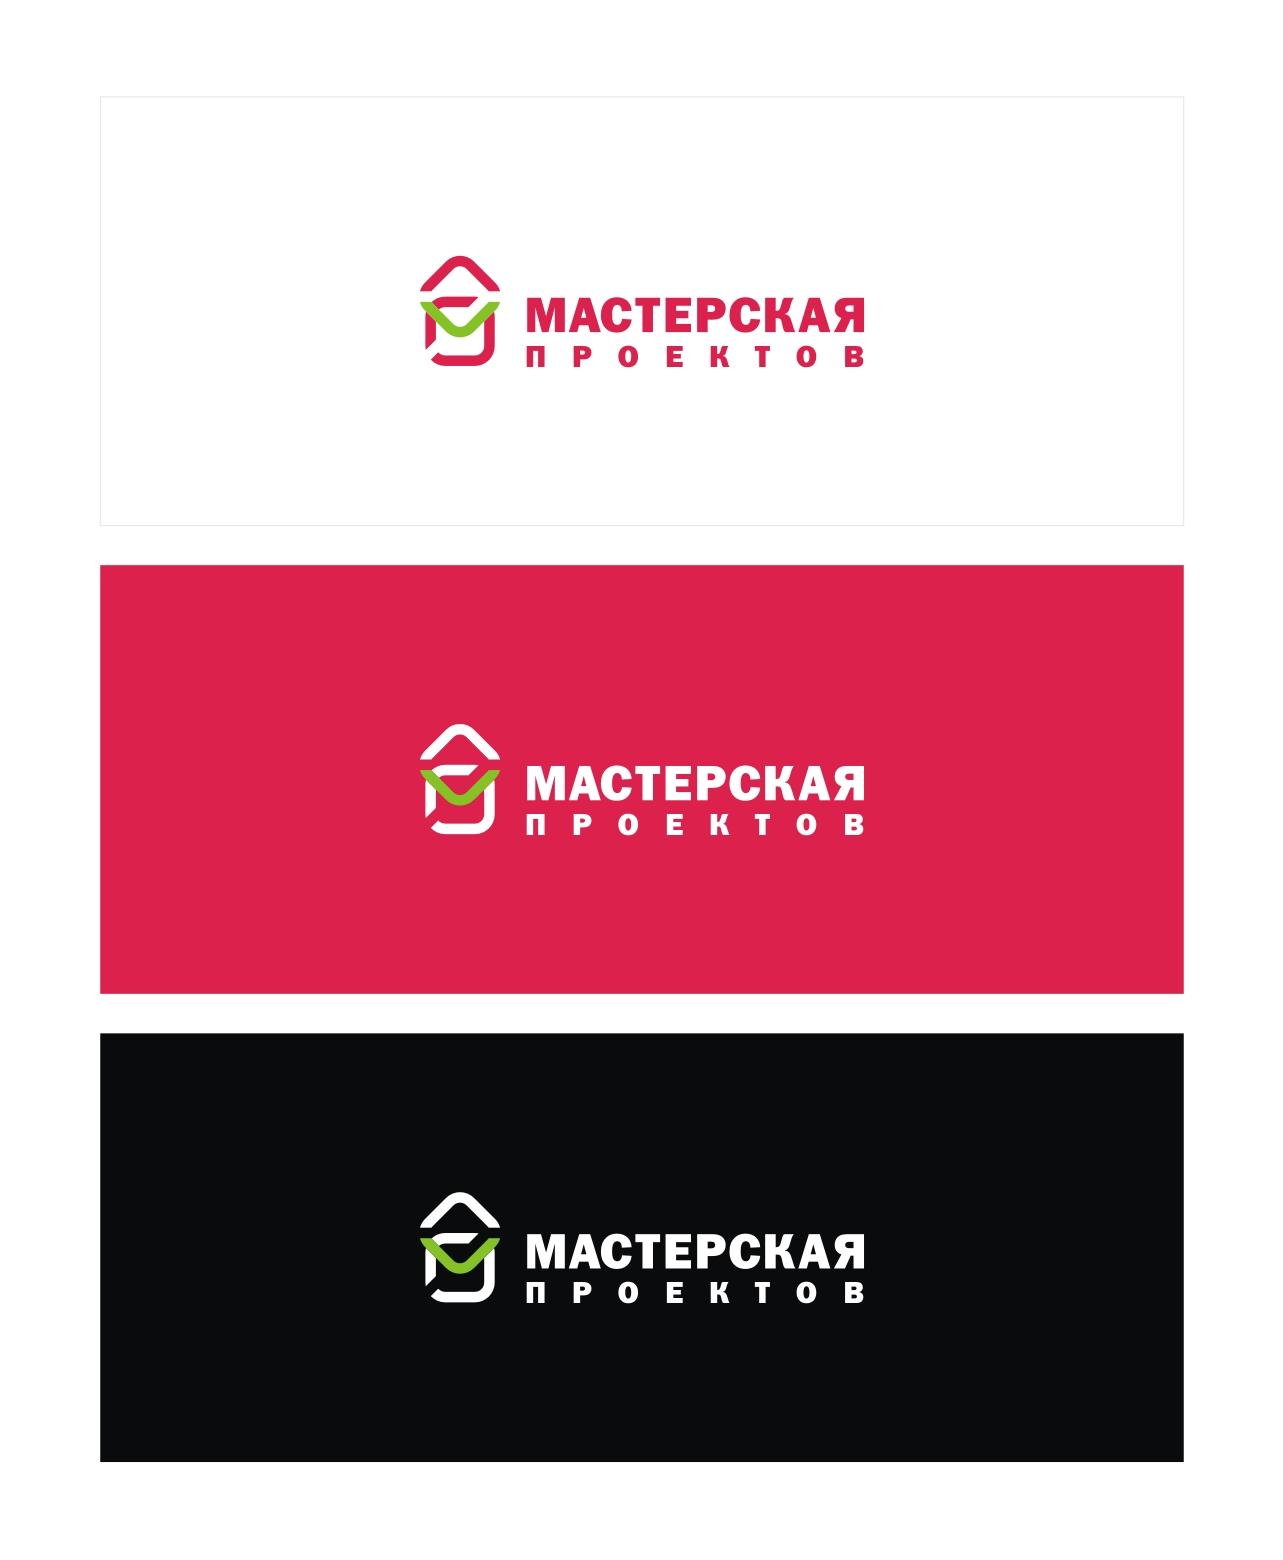 Разработка логотипа строительно-мебельного проекта (см. опис фото f_19760728d4ec56c1.jpg